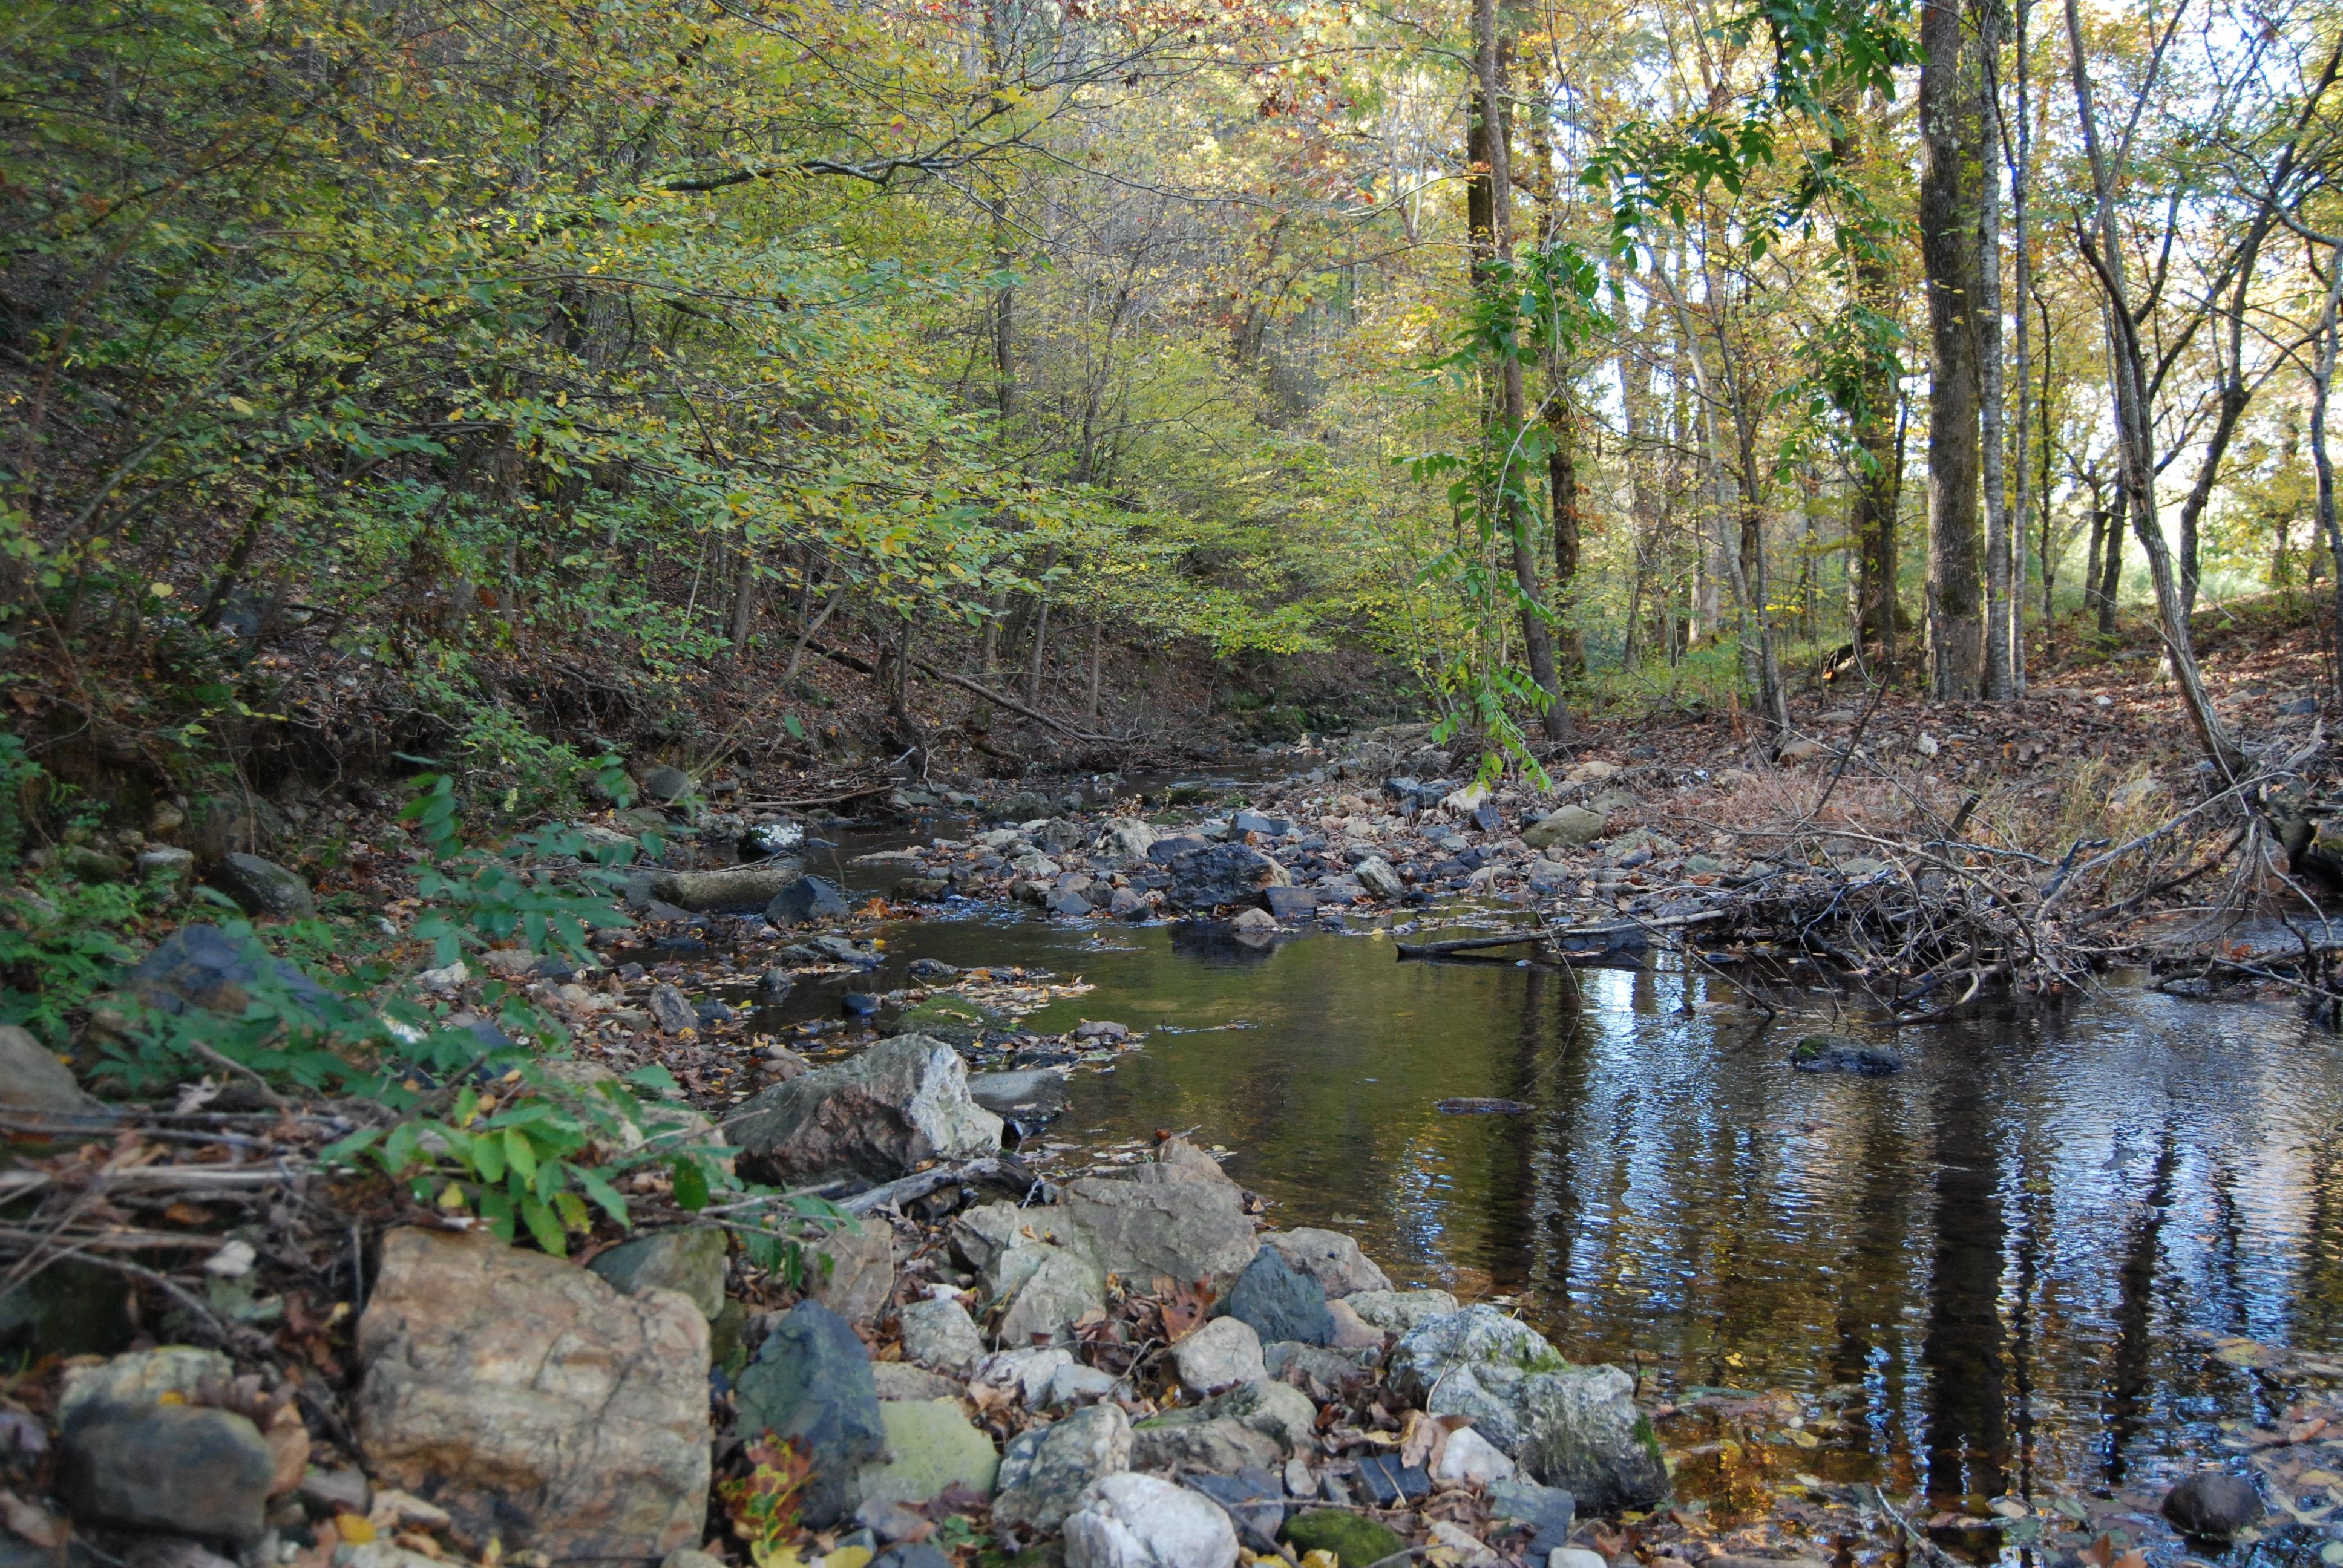 Jones Creek at the low water crossing